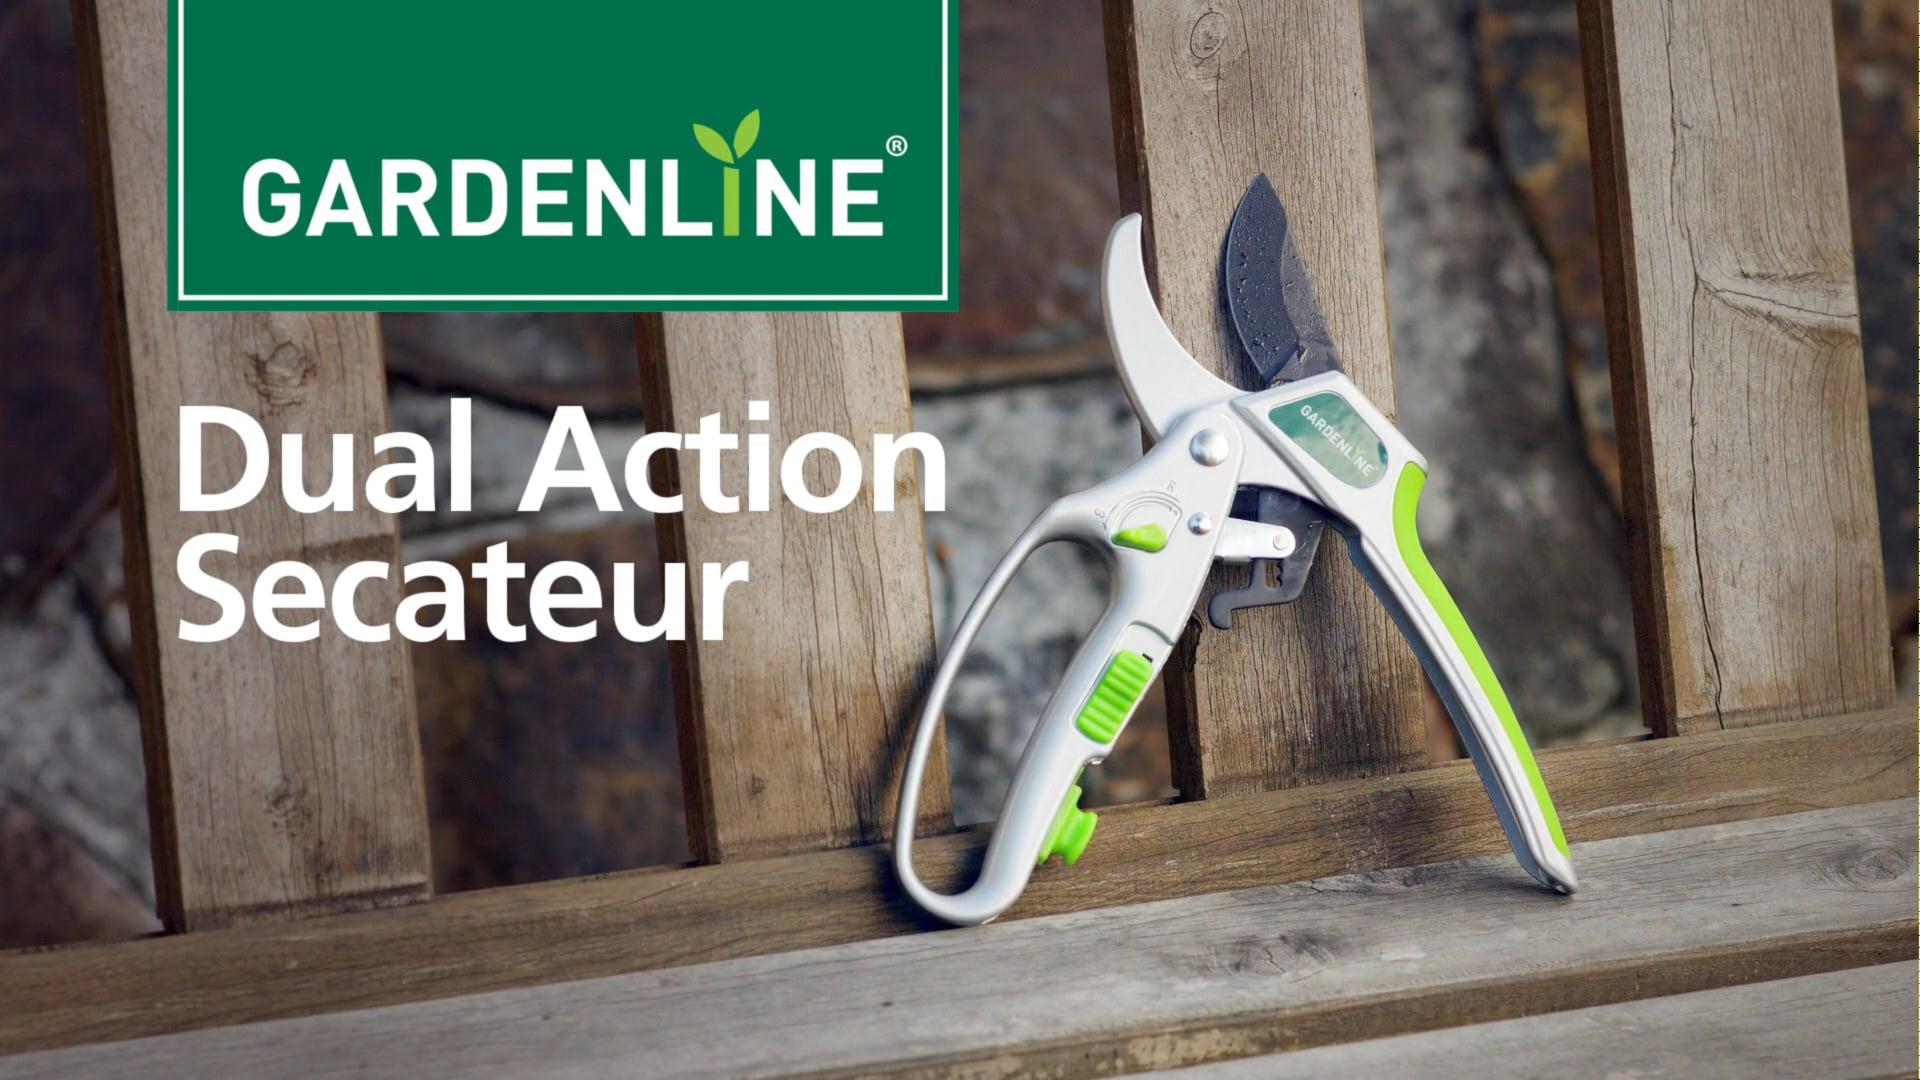 Gardenline - Dual Action Secateur